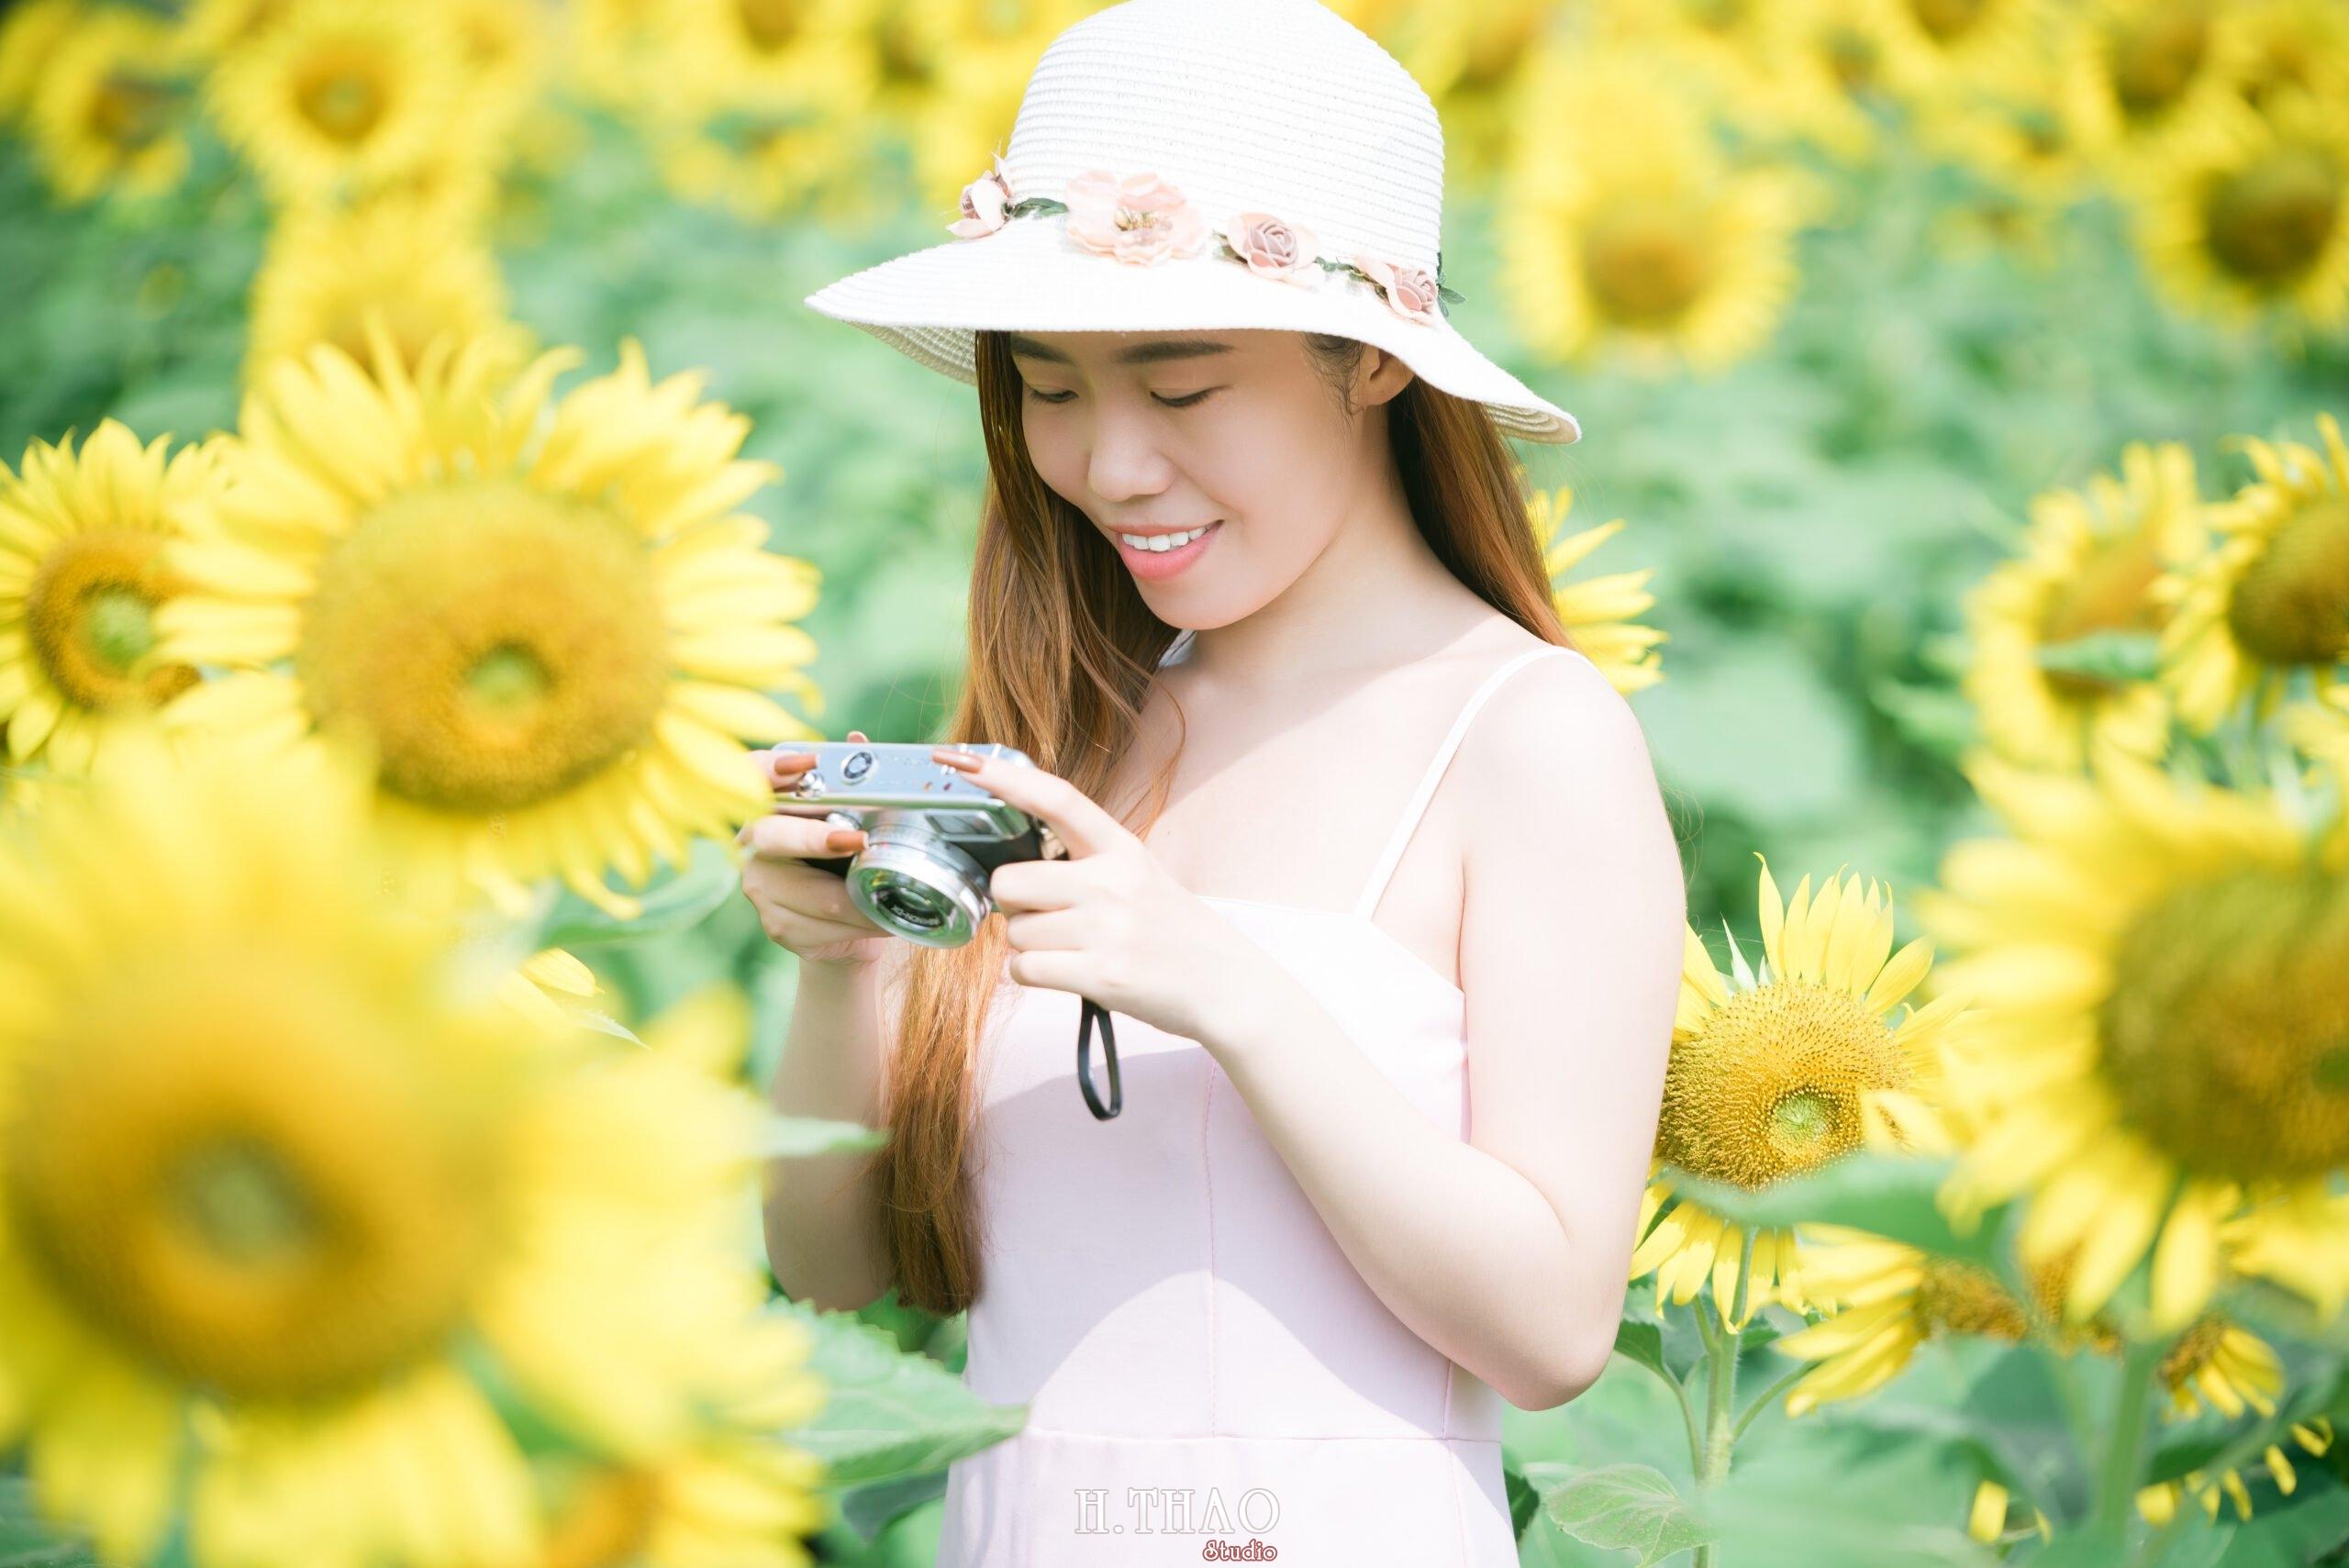 Anh be Mai 7 scaled - Chụp ảnh với hoa hướng dương tuyệt đẹp giữa lòng Sài Gòn